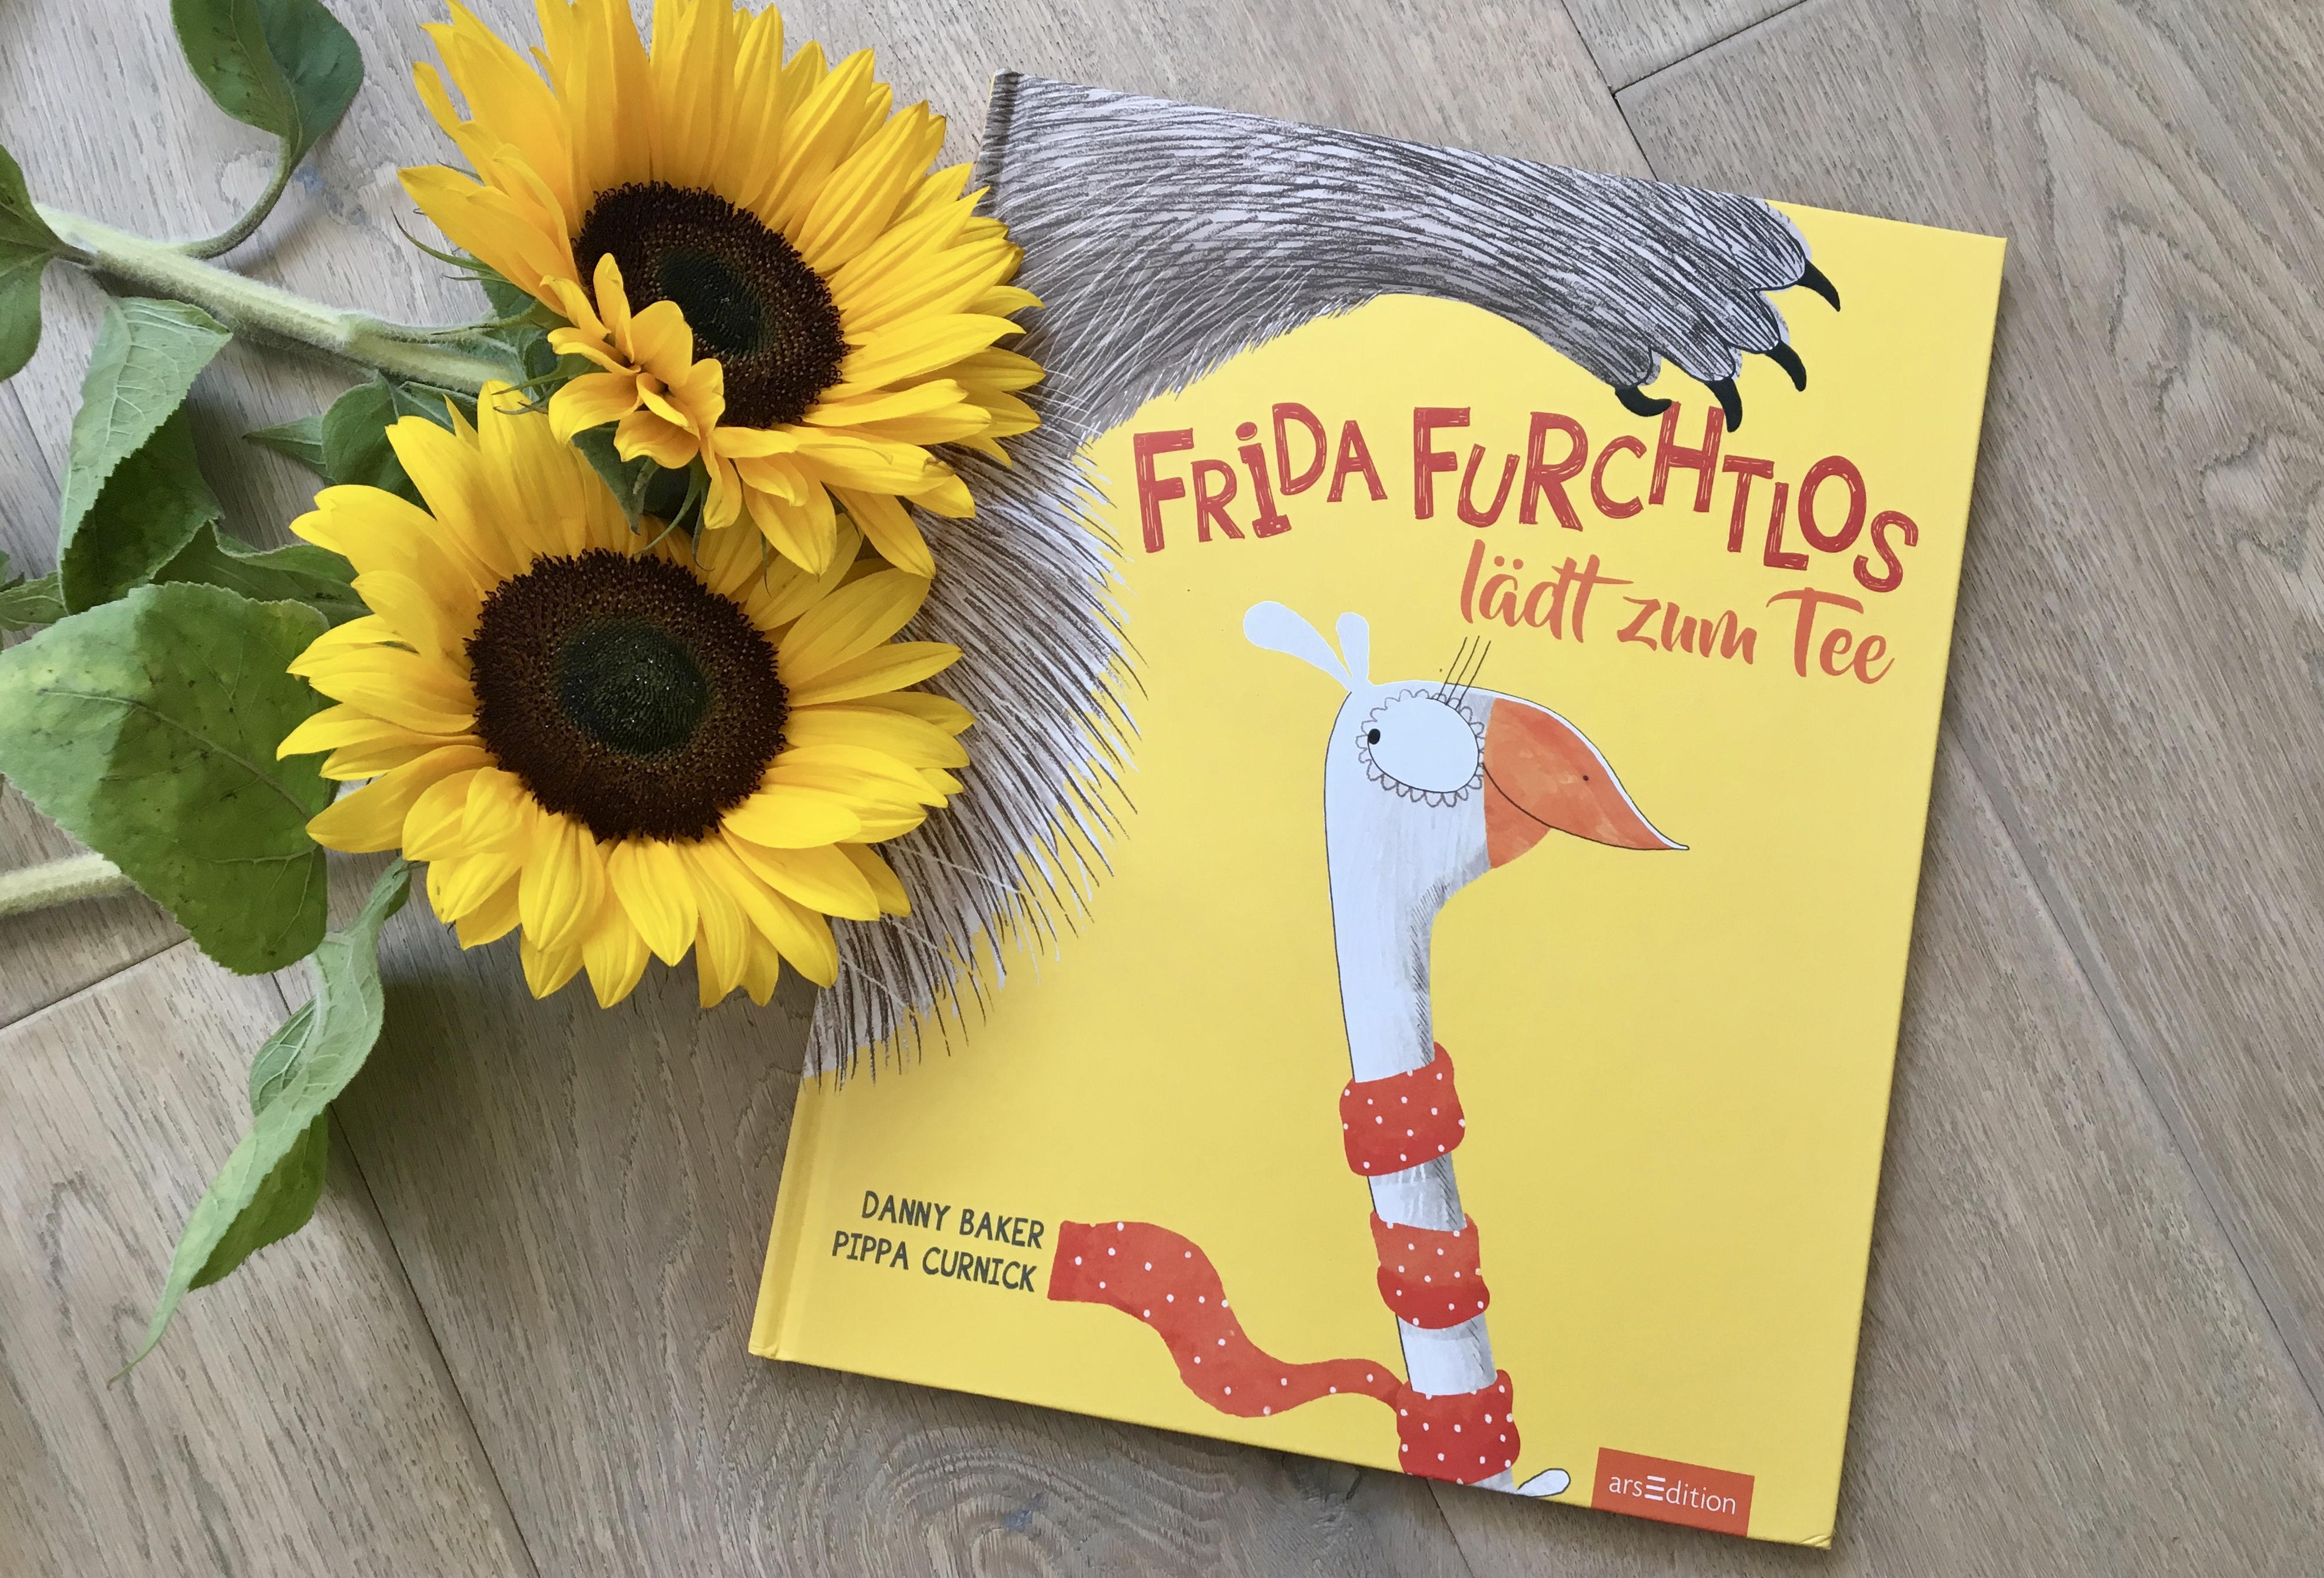 Frida Furchtlos lädt zum Tee von Danny Baker (Text) und Pippa Curnick (Illustration)